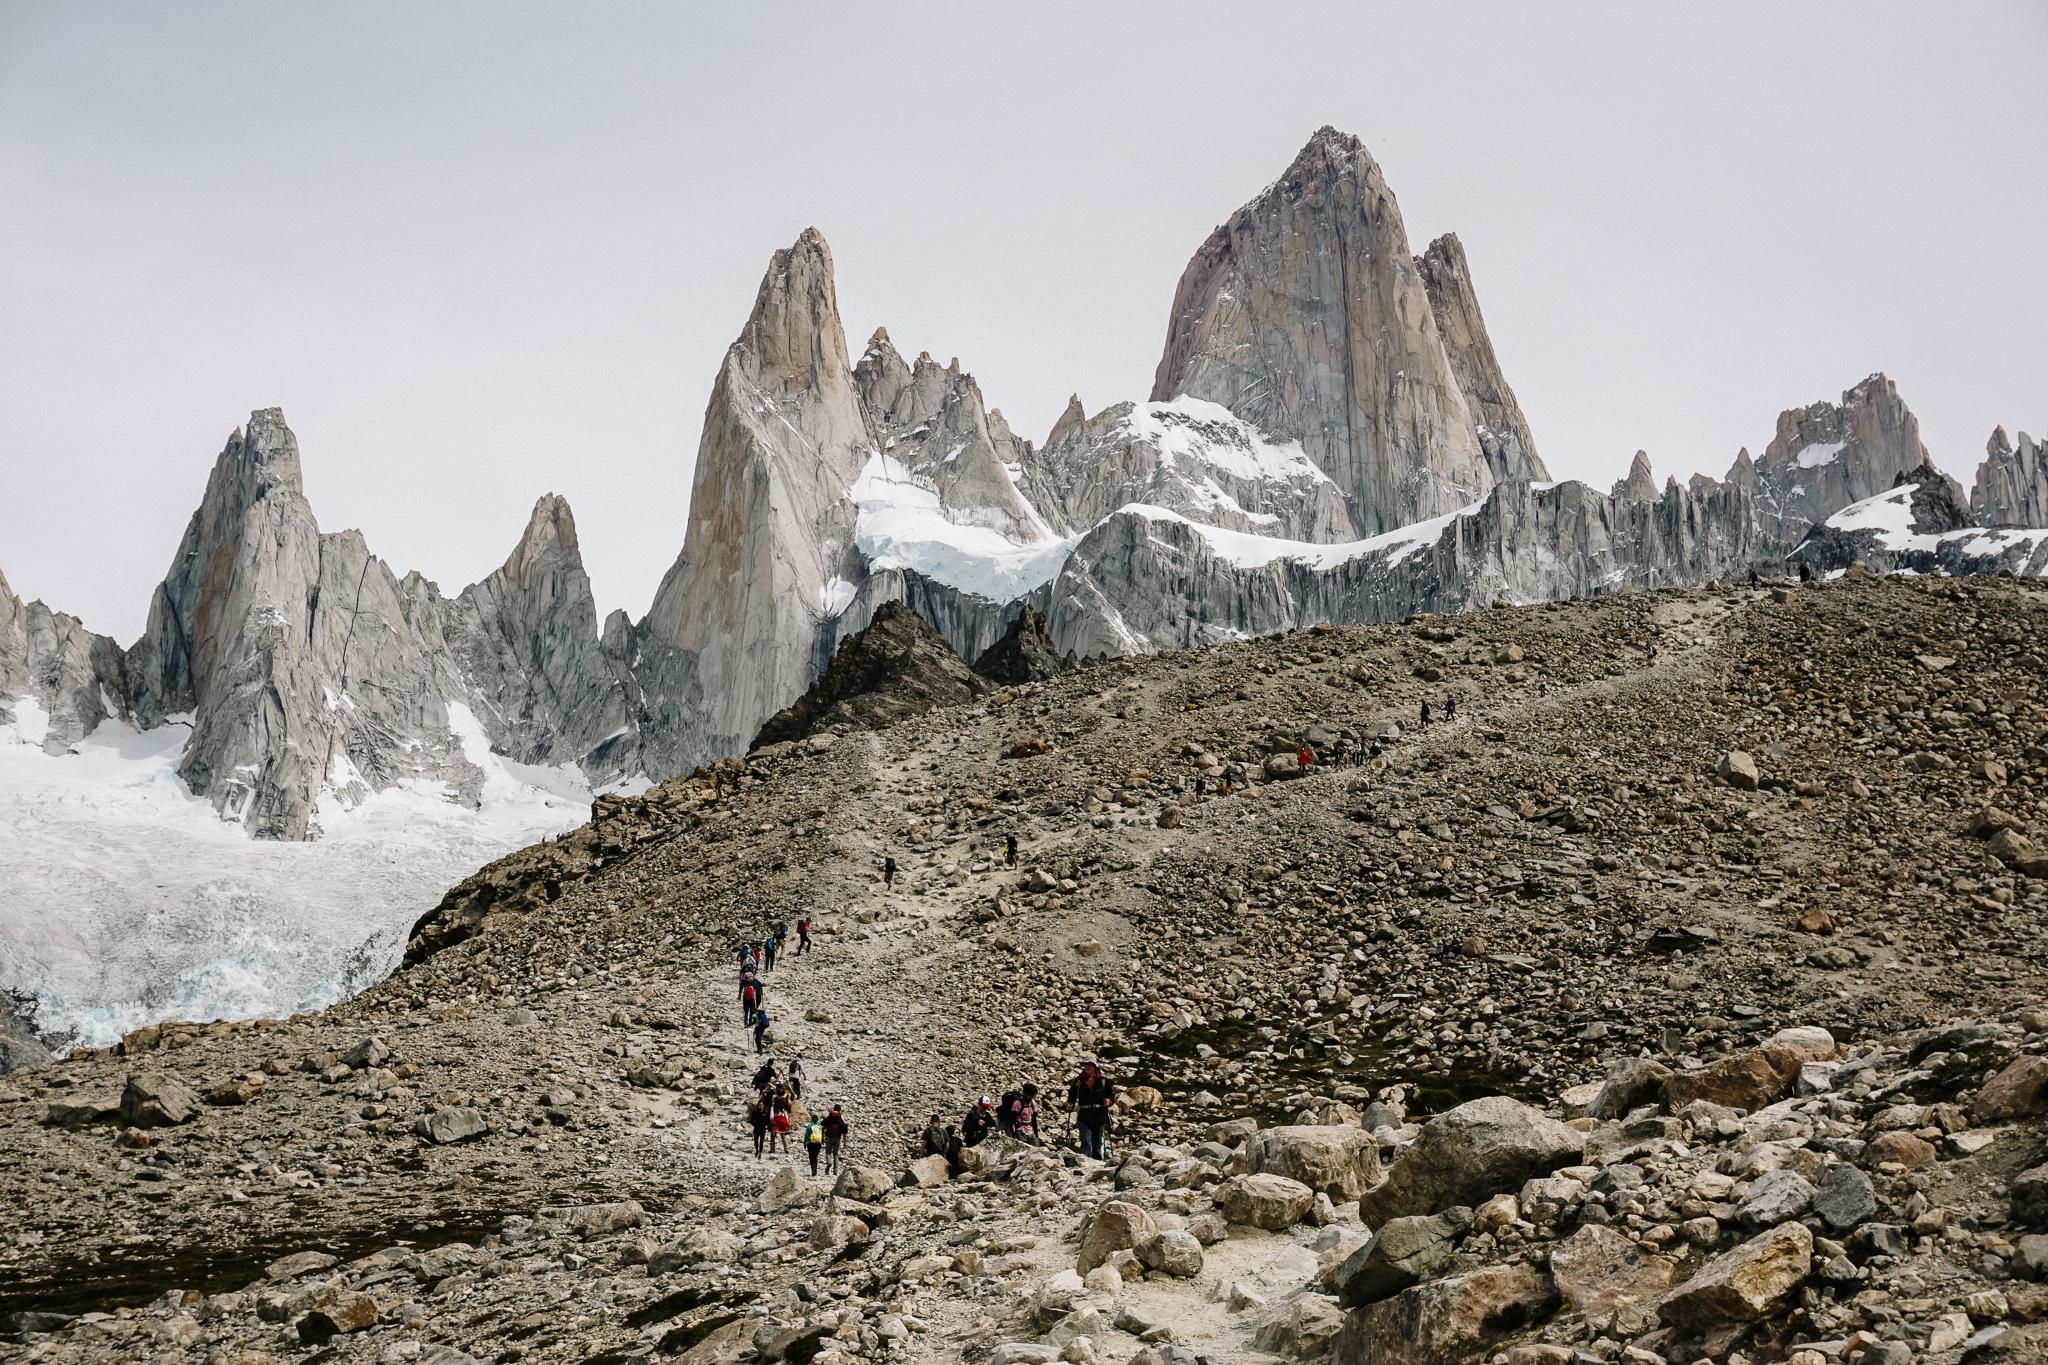 Argentinie natuur in El Chalten